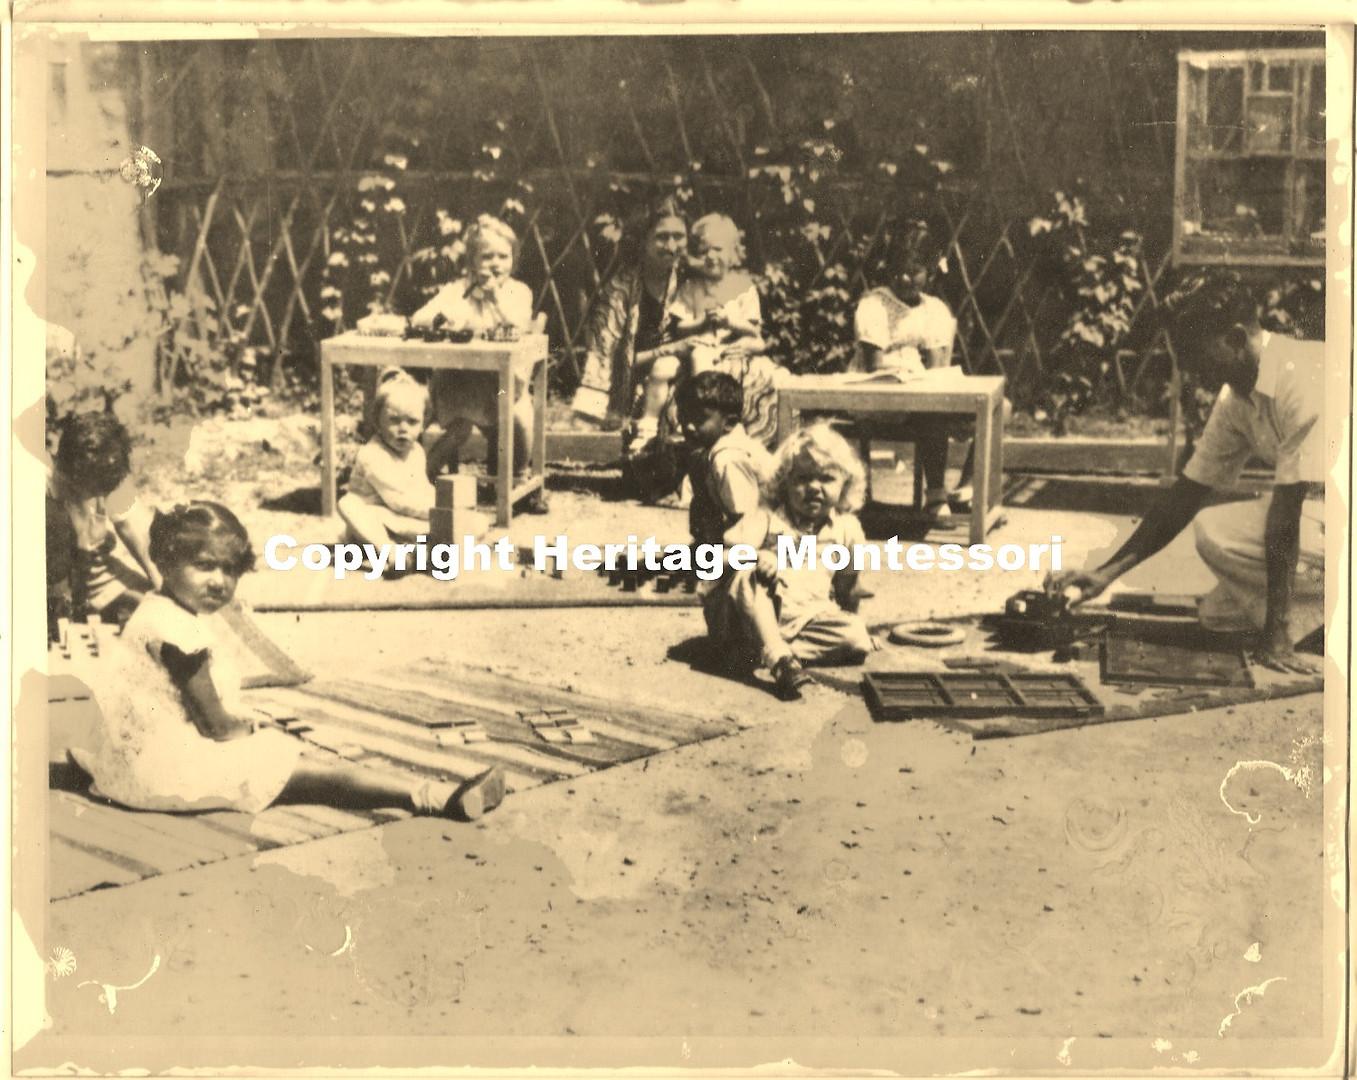 Kodaikanal, circa 1945